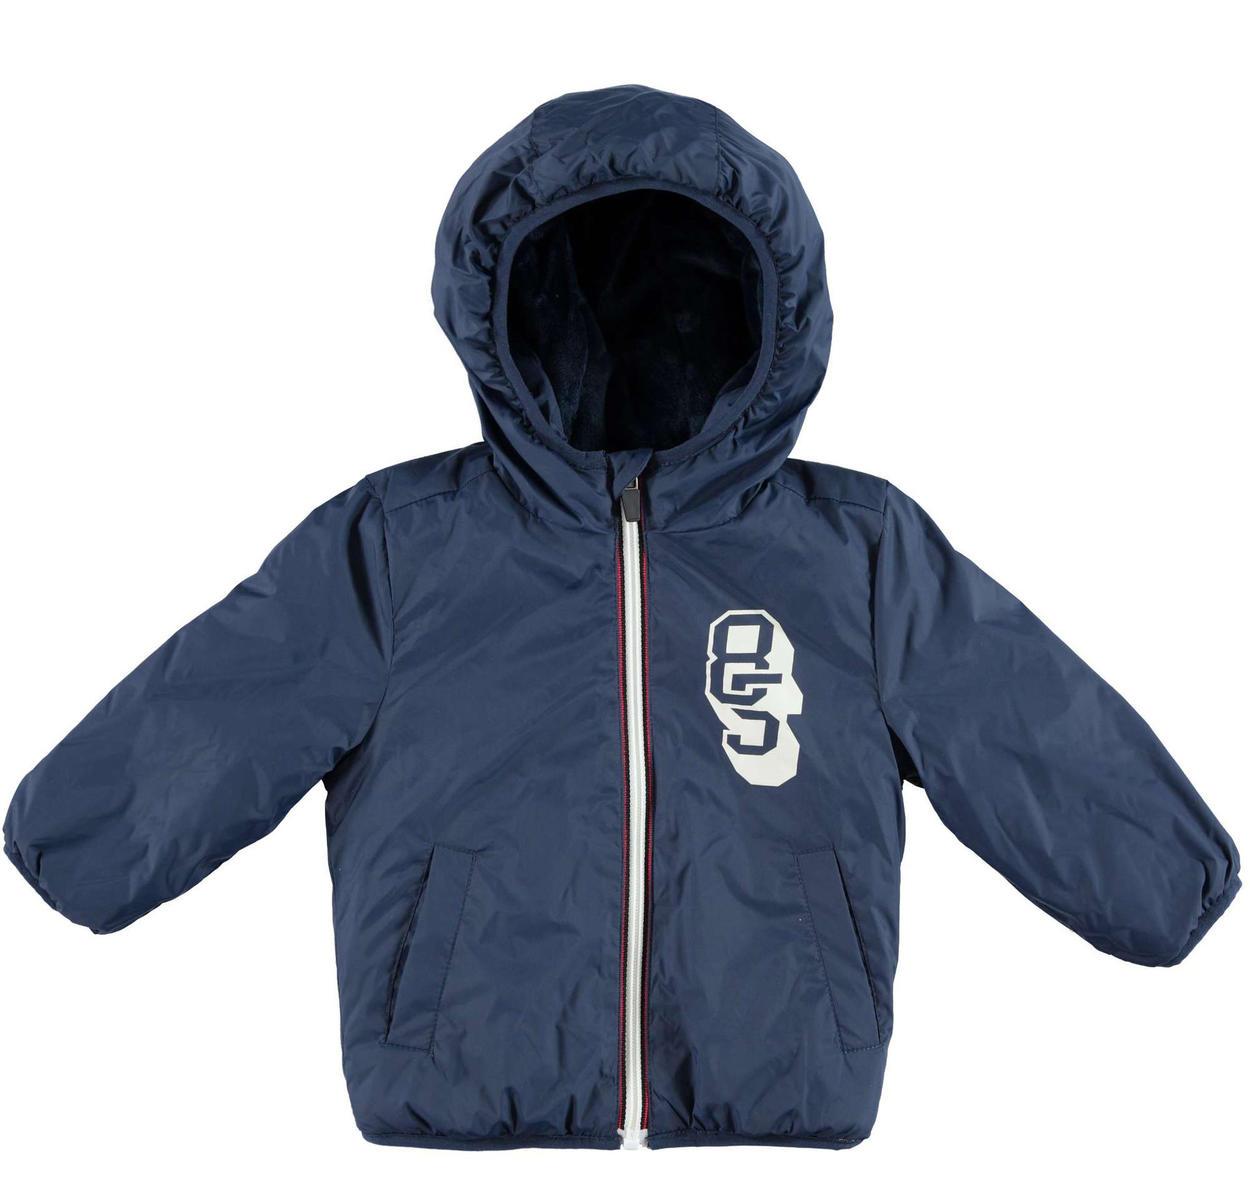 quality design 74cf2 9ccbd Giubbotto invernale foderato in pelliccia ecologica per bambino da 6 mesi a  7 anni iDO